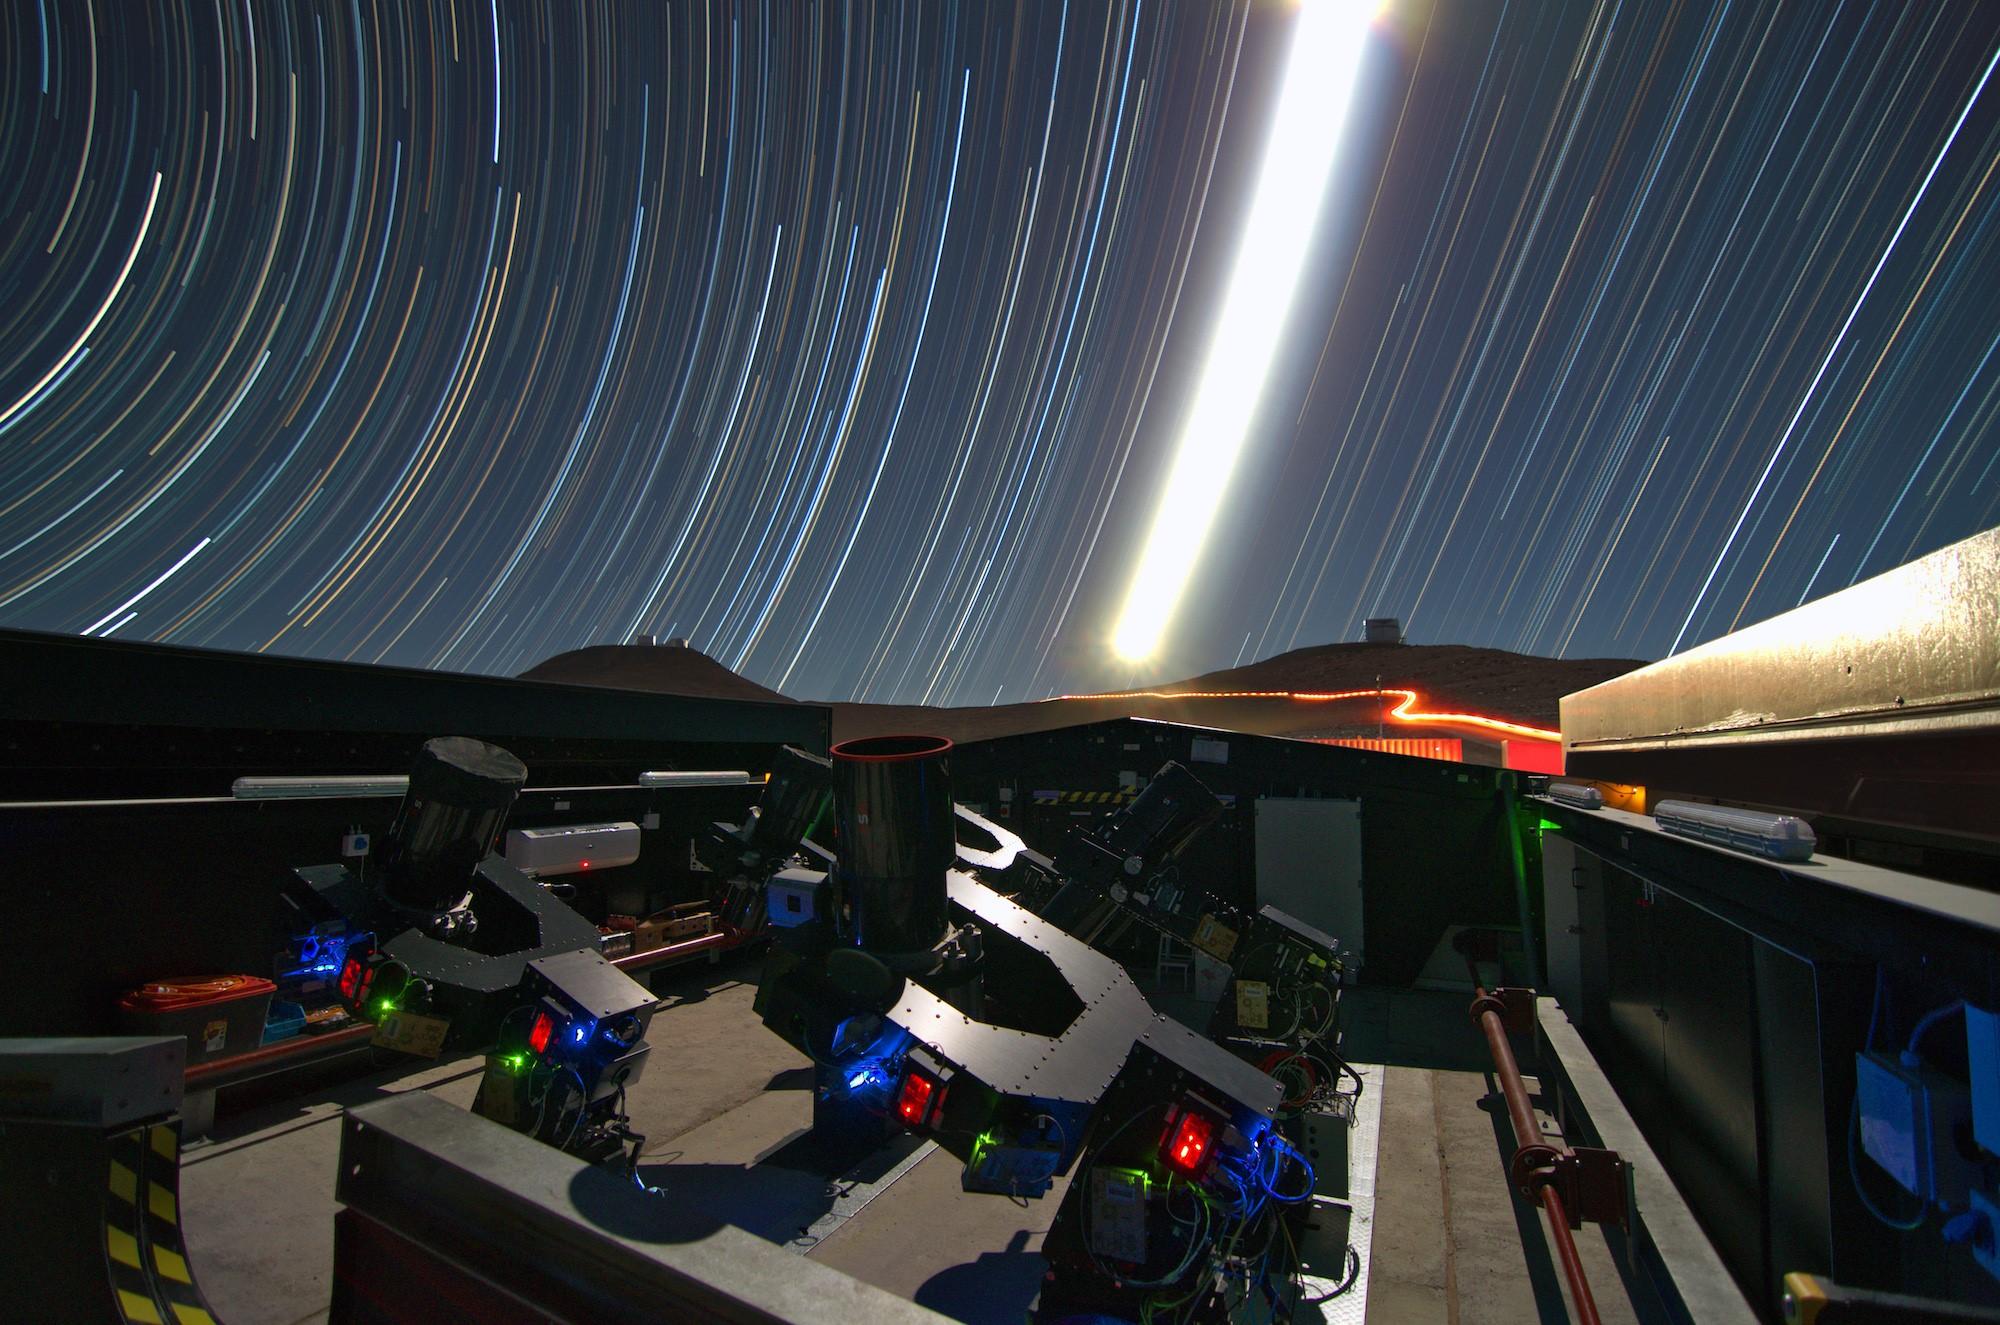 Астрономы использовали массив телескопов Next-Generation Transit Survey, расположенных на территории Паранальской обсерватории в Чили.